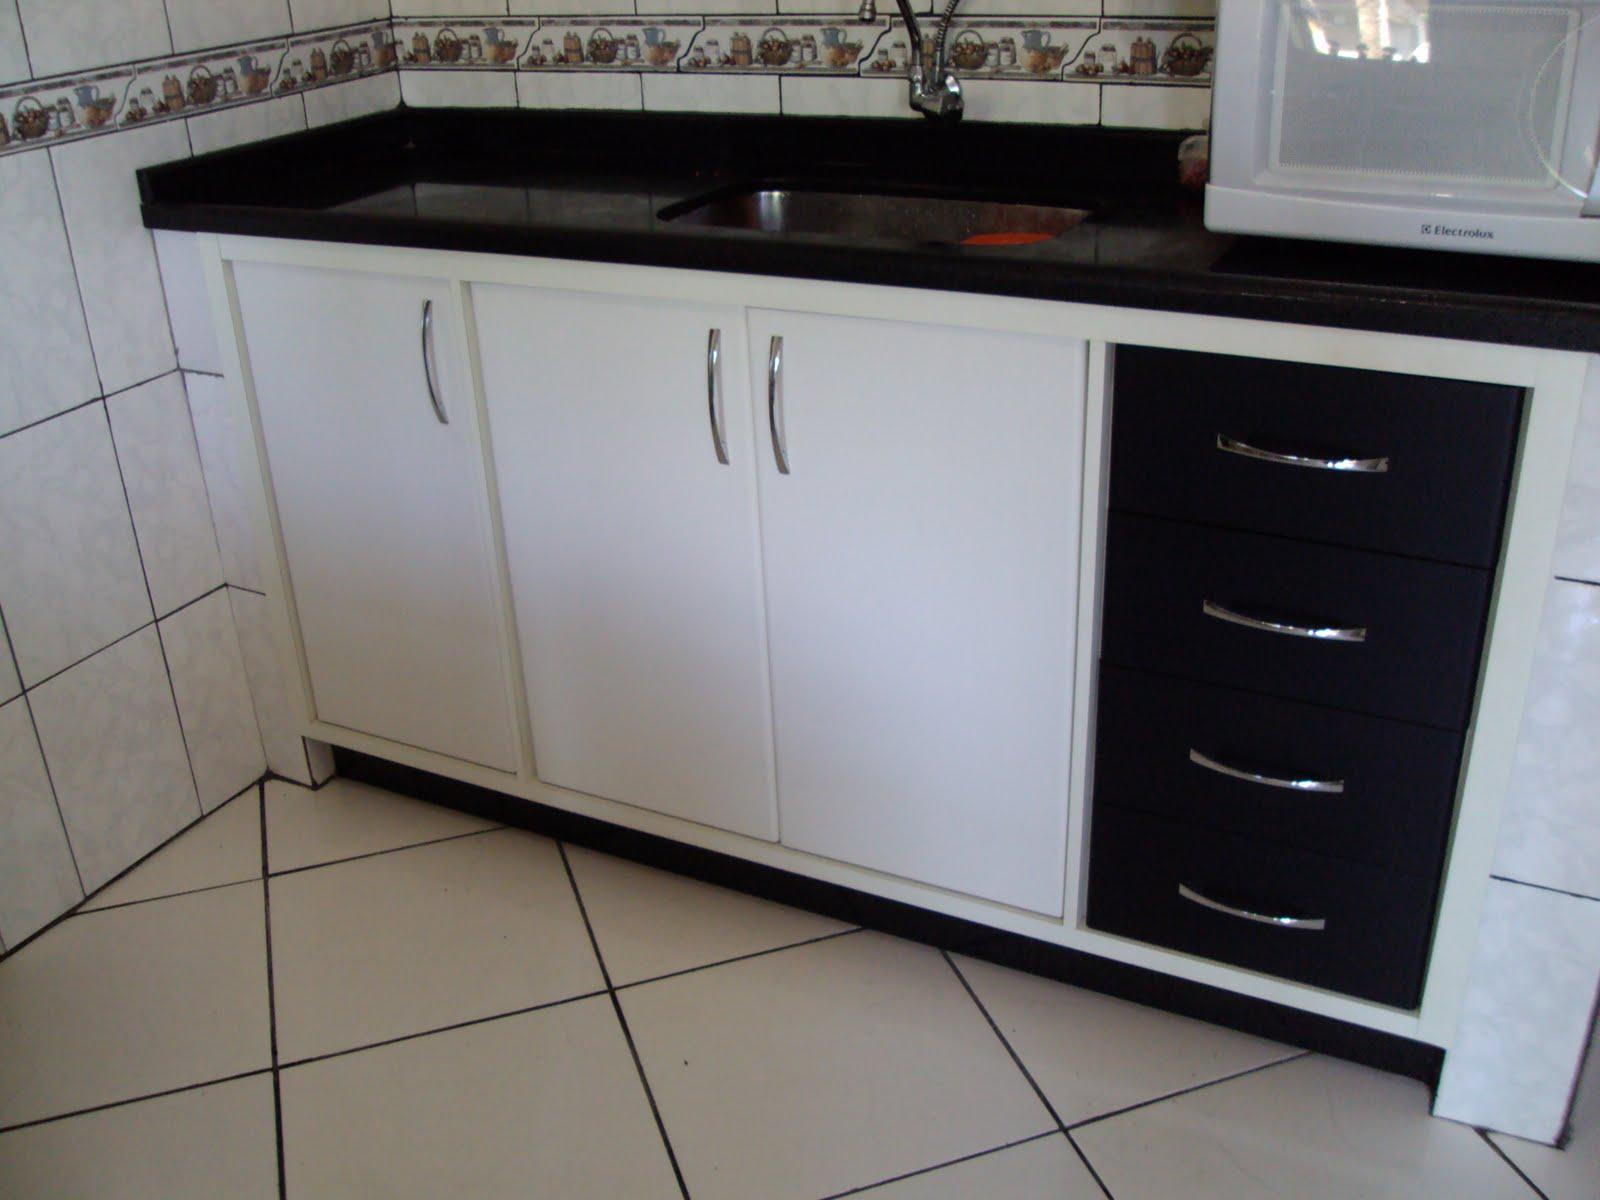 Marcenaria MBR Móveis: Armário de cozinha embutido revestido com  #5C4D43 1600 1200